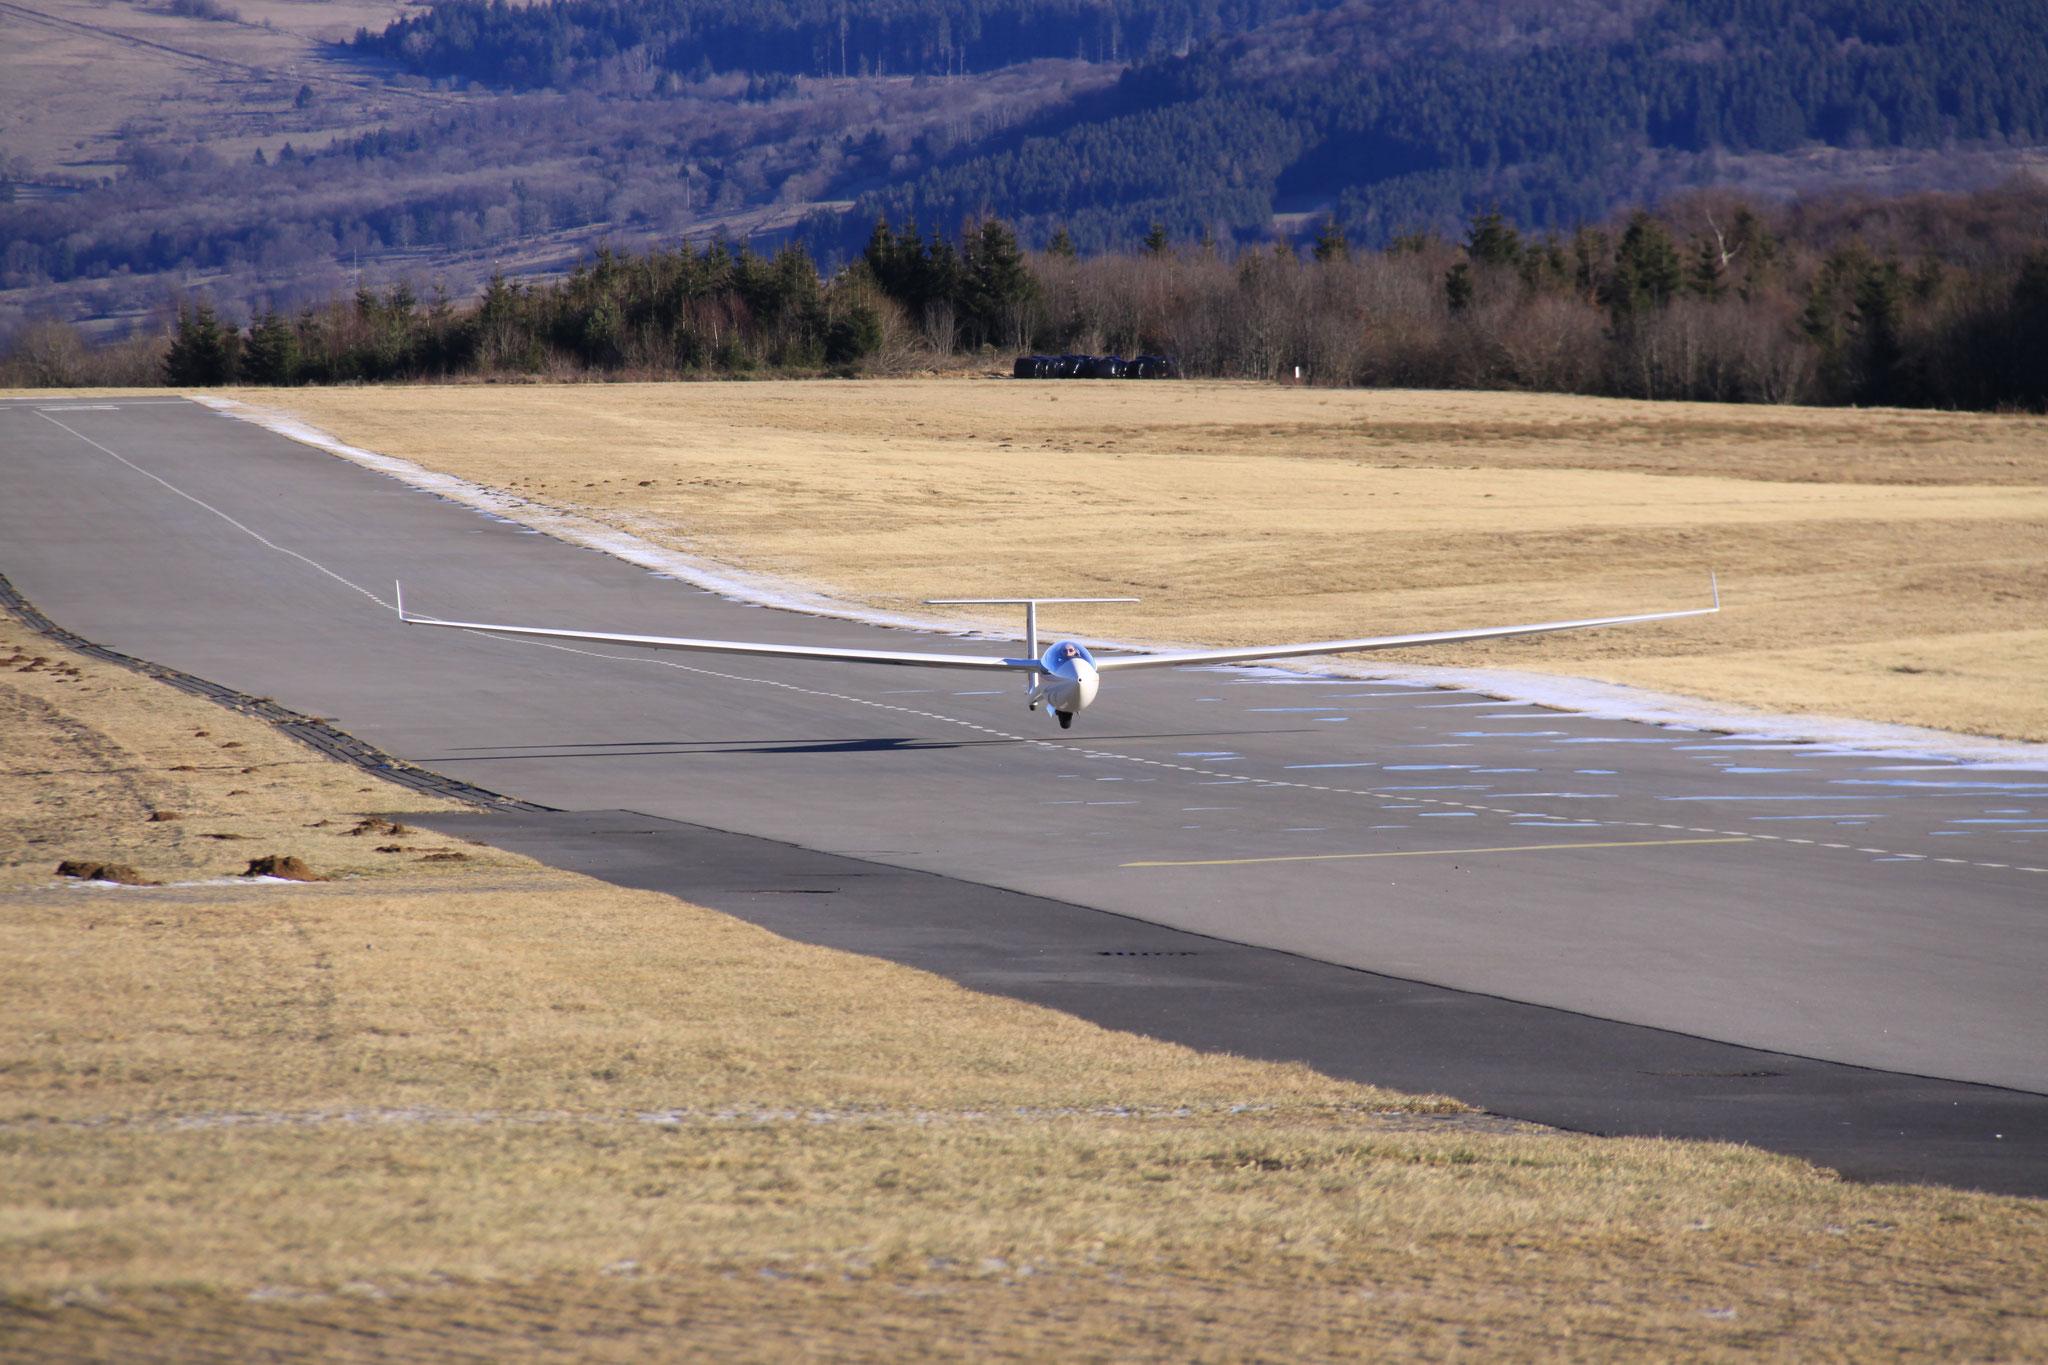 Nach erfolgreichem Flug wieder daheim.